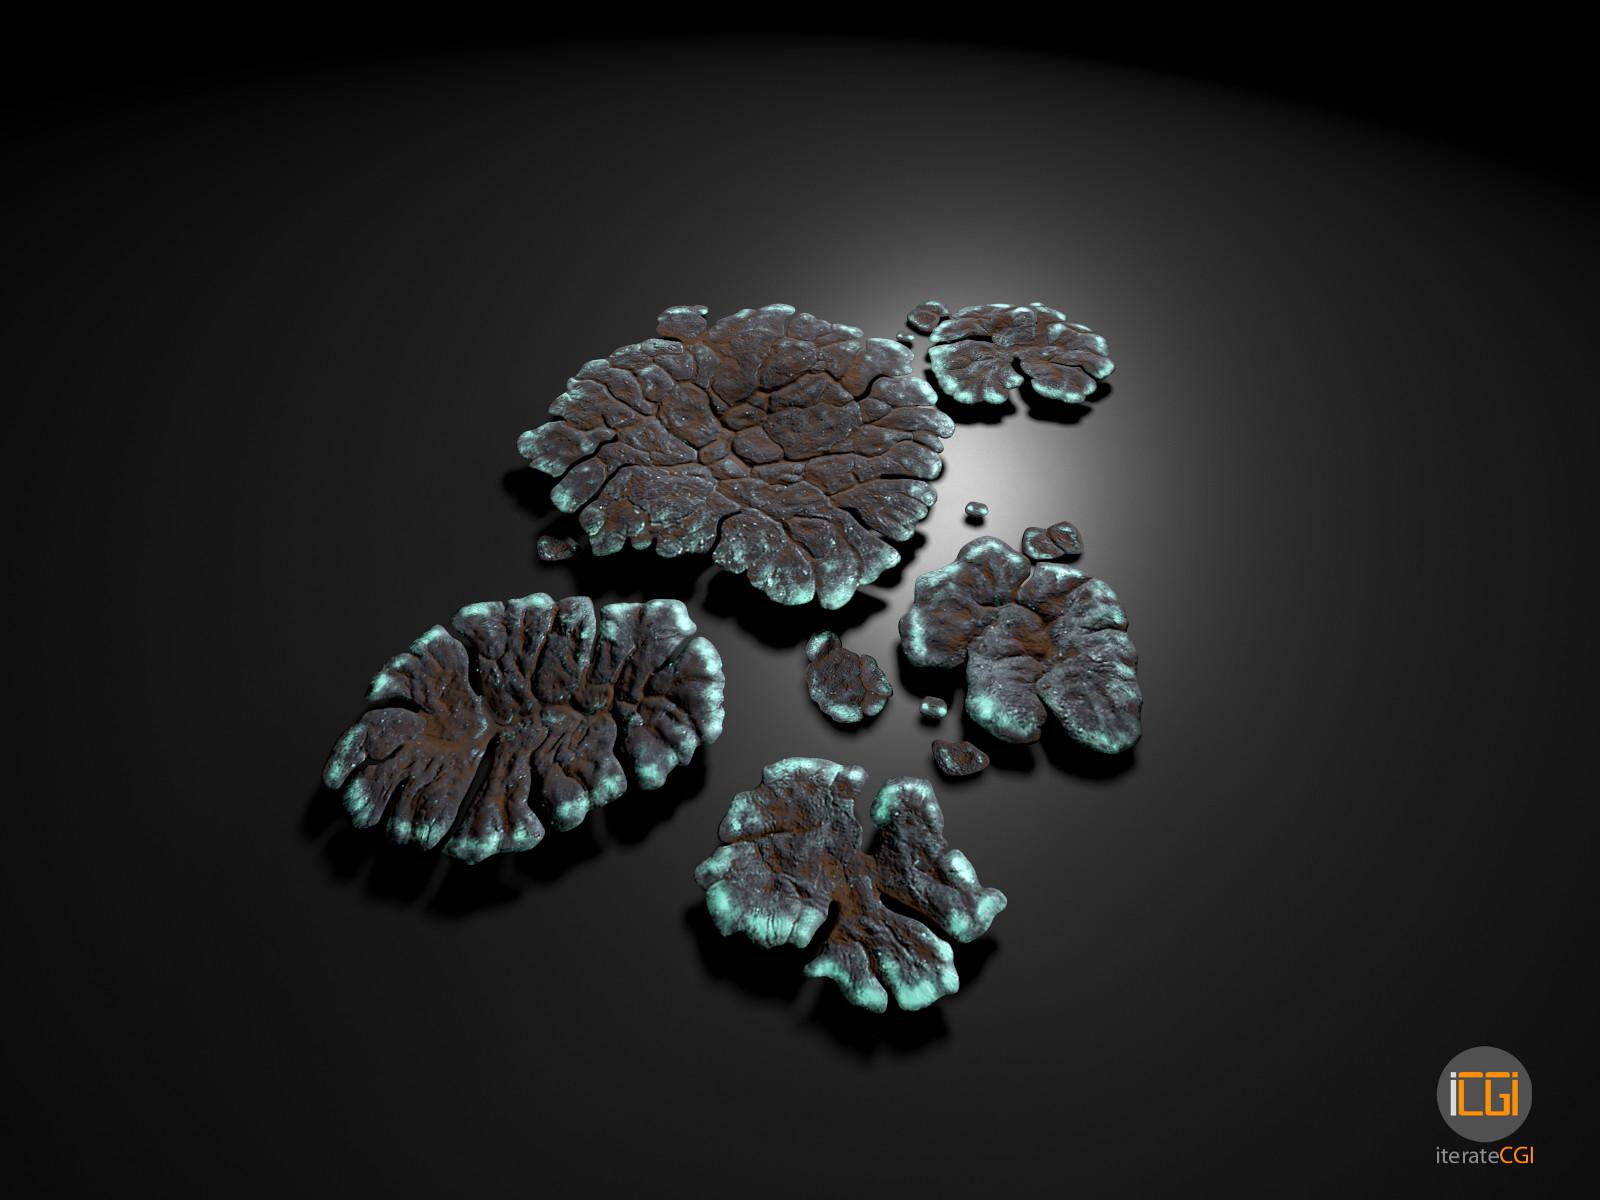 Johan de leenheer alien plant lichen type1 10